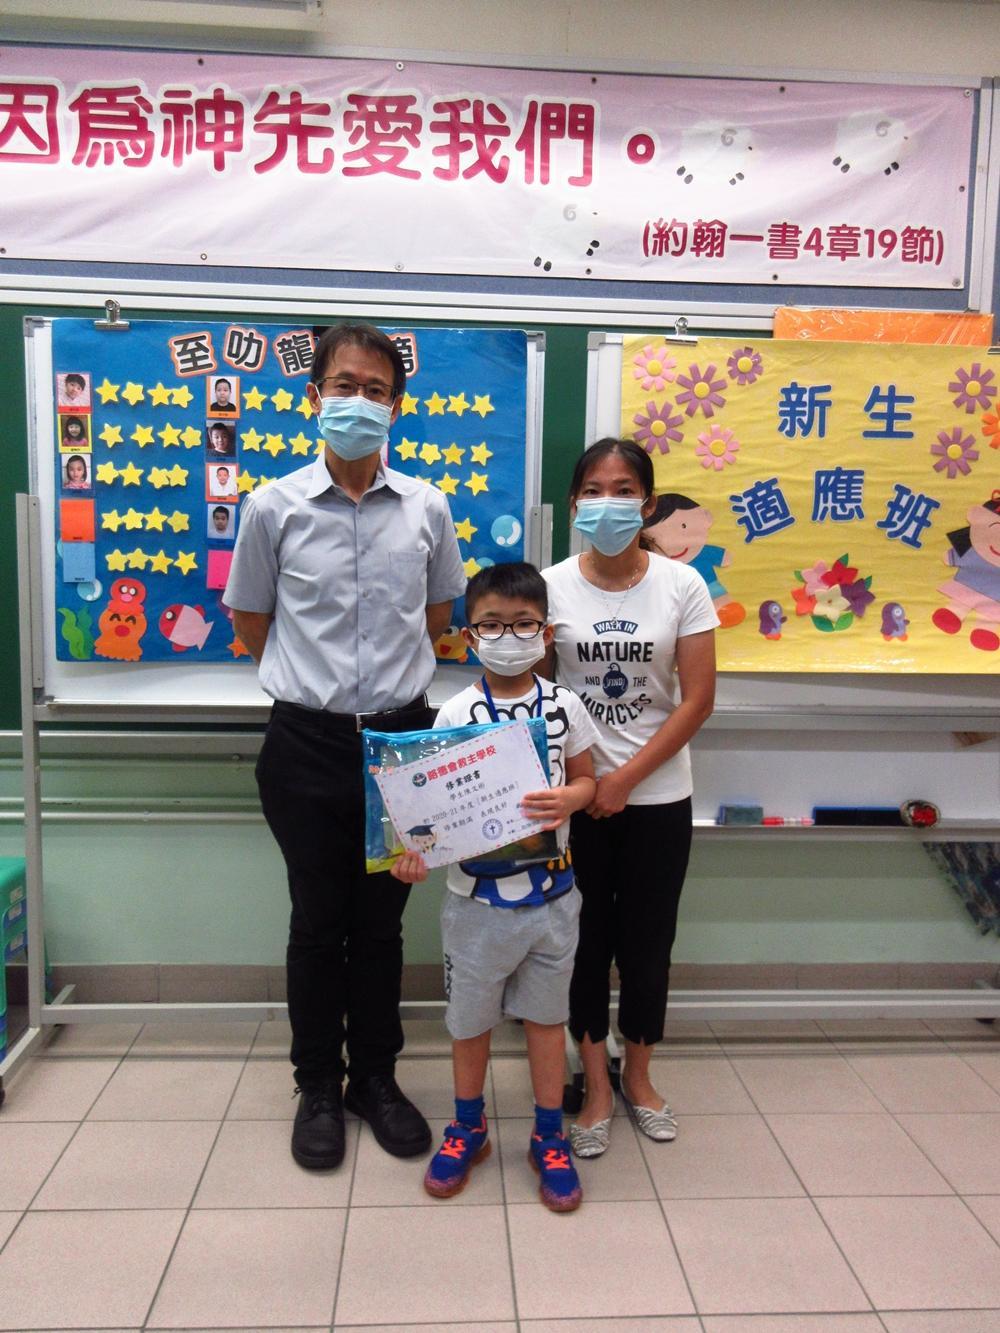 https://www.sls.edu.hk/sites/default/files/04_200923-25_006_1.jpg